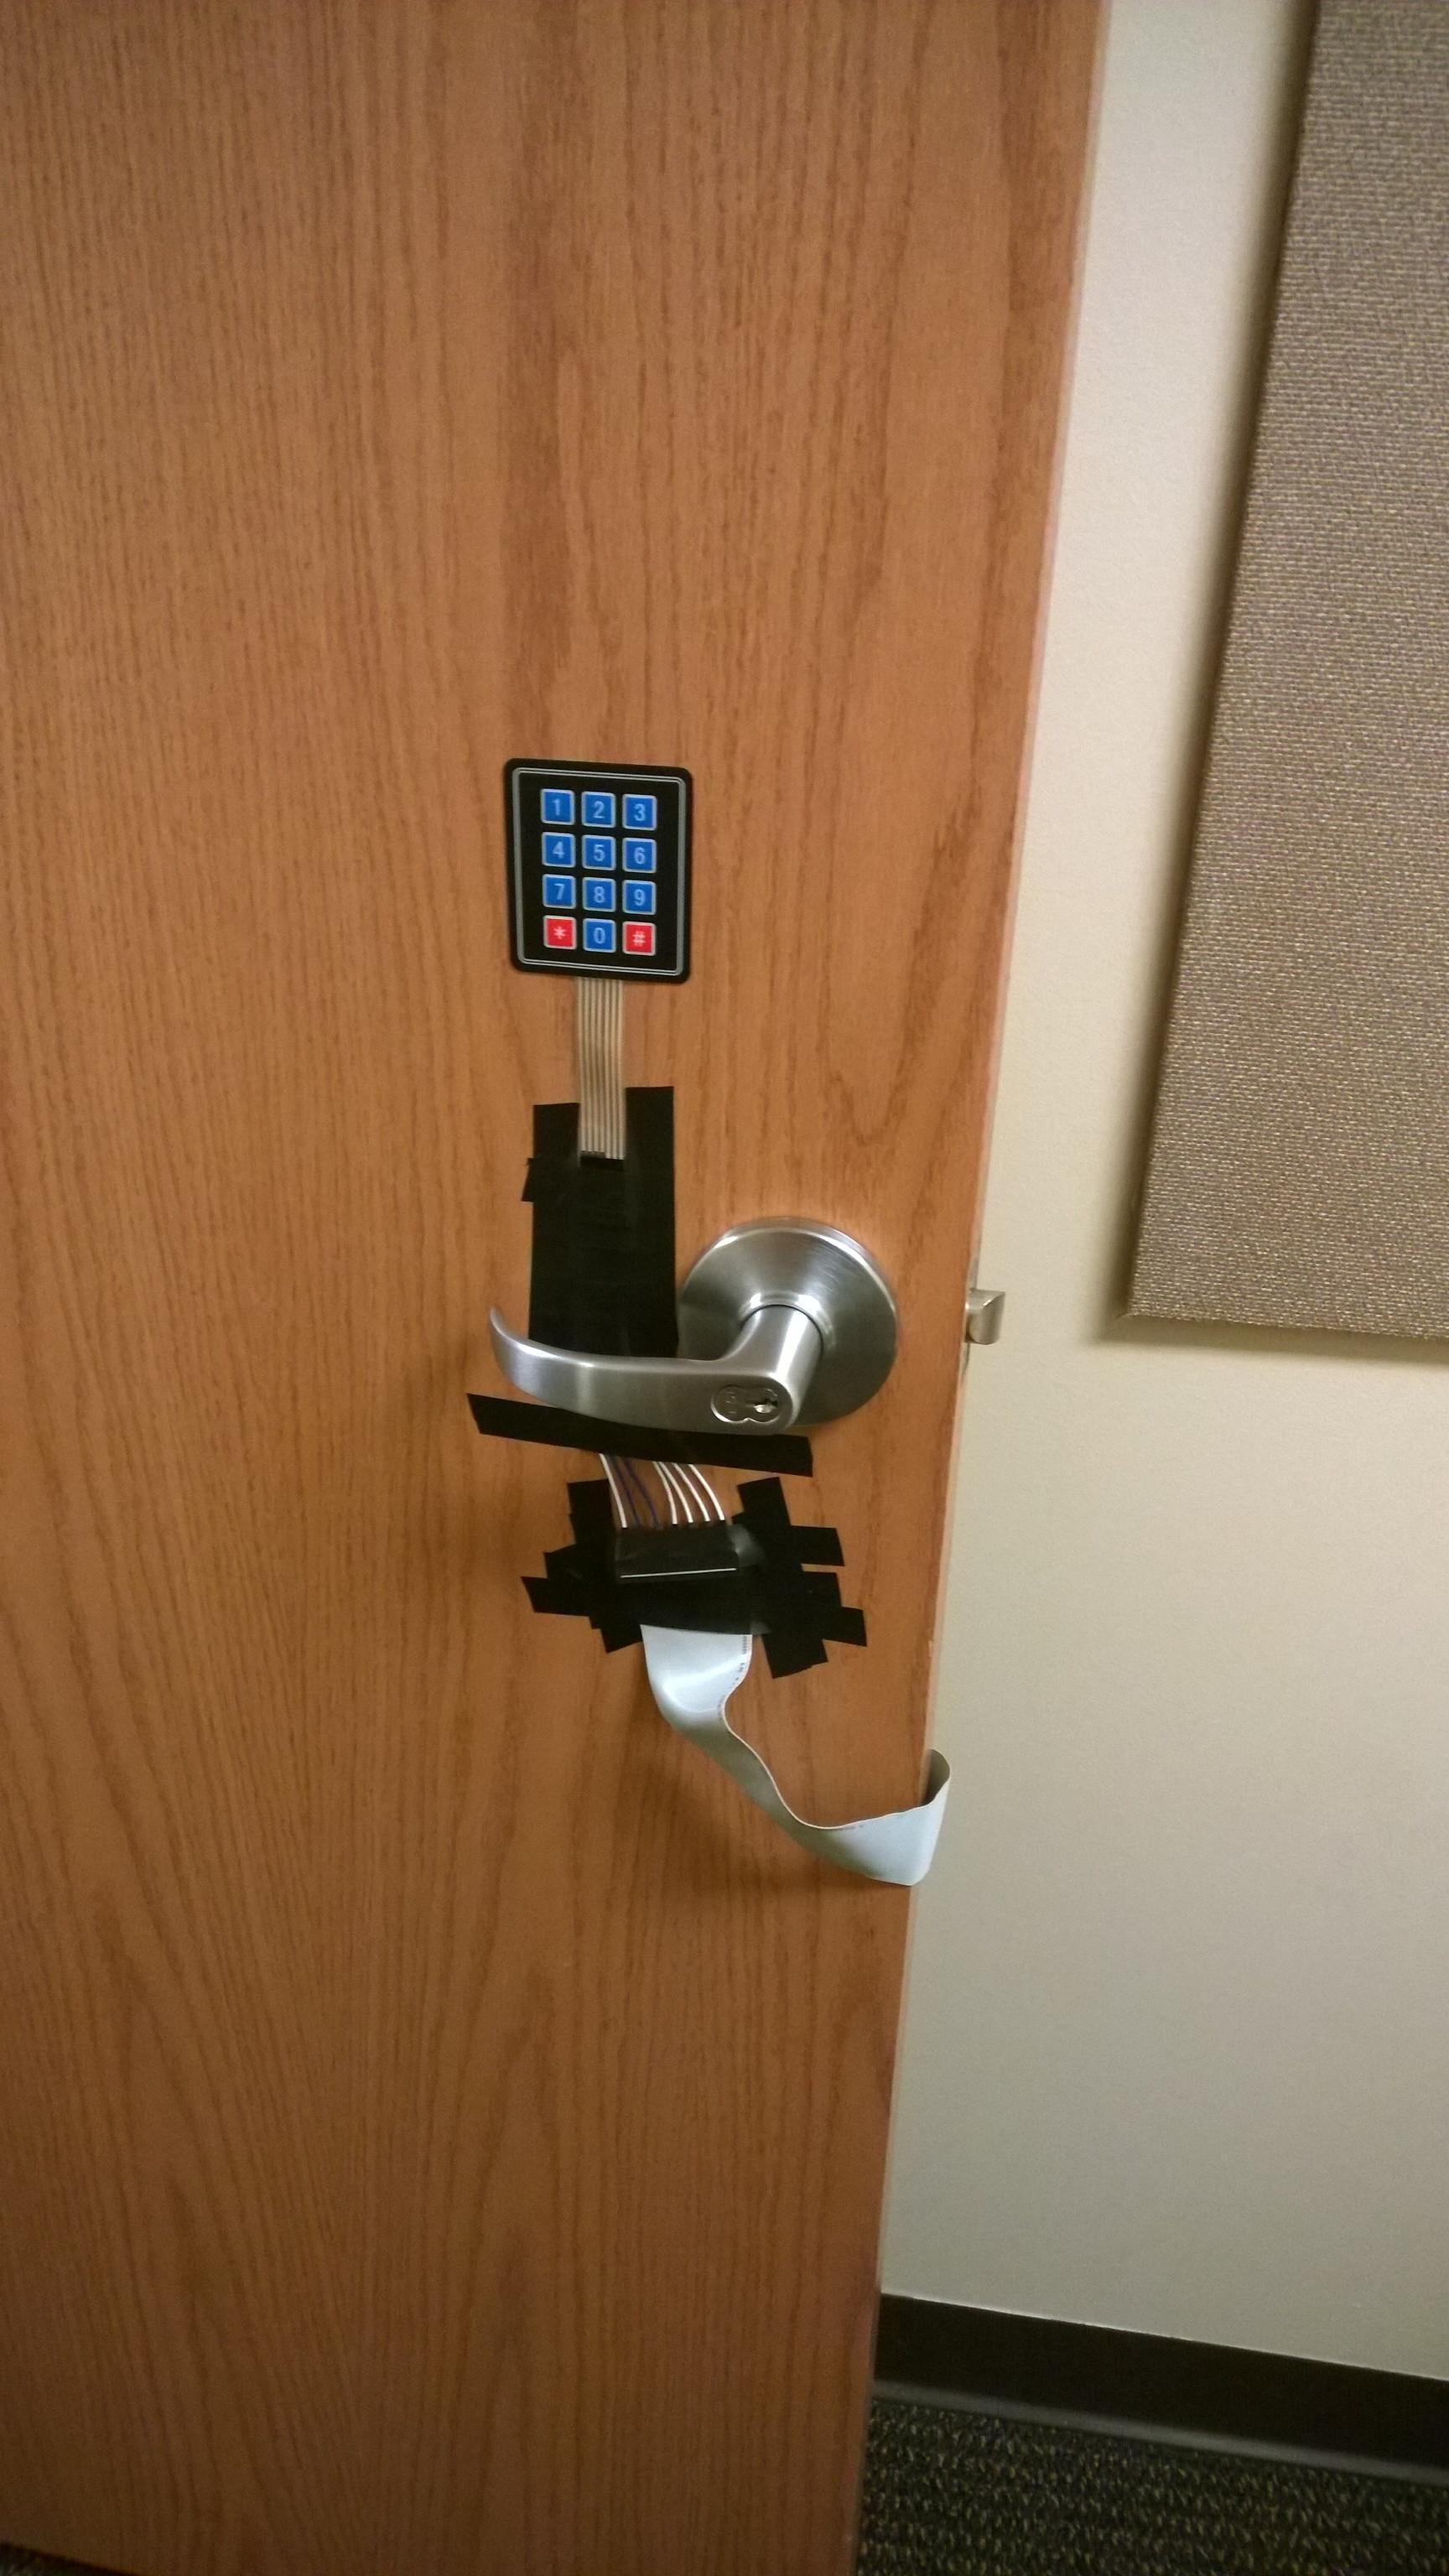 how to change code on keypad door lock